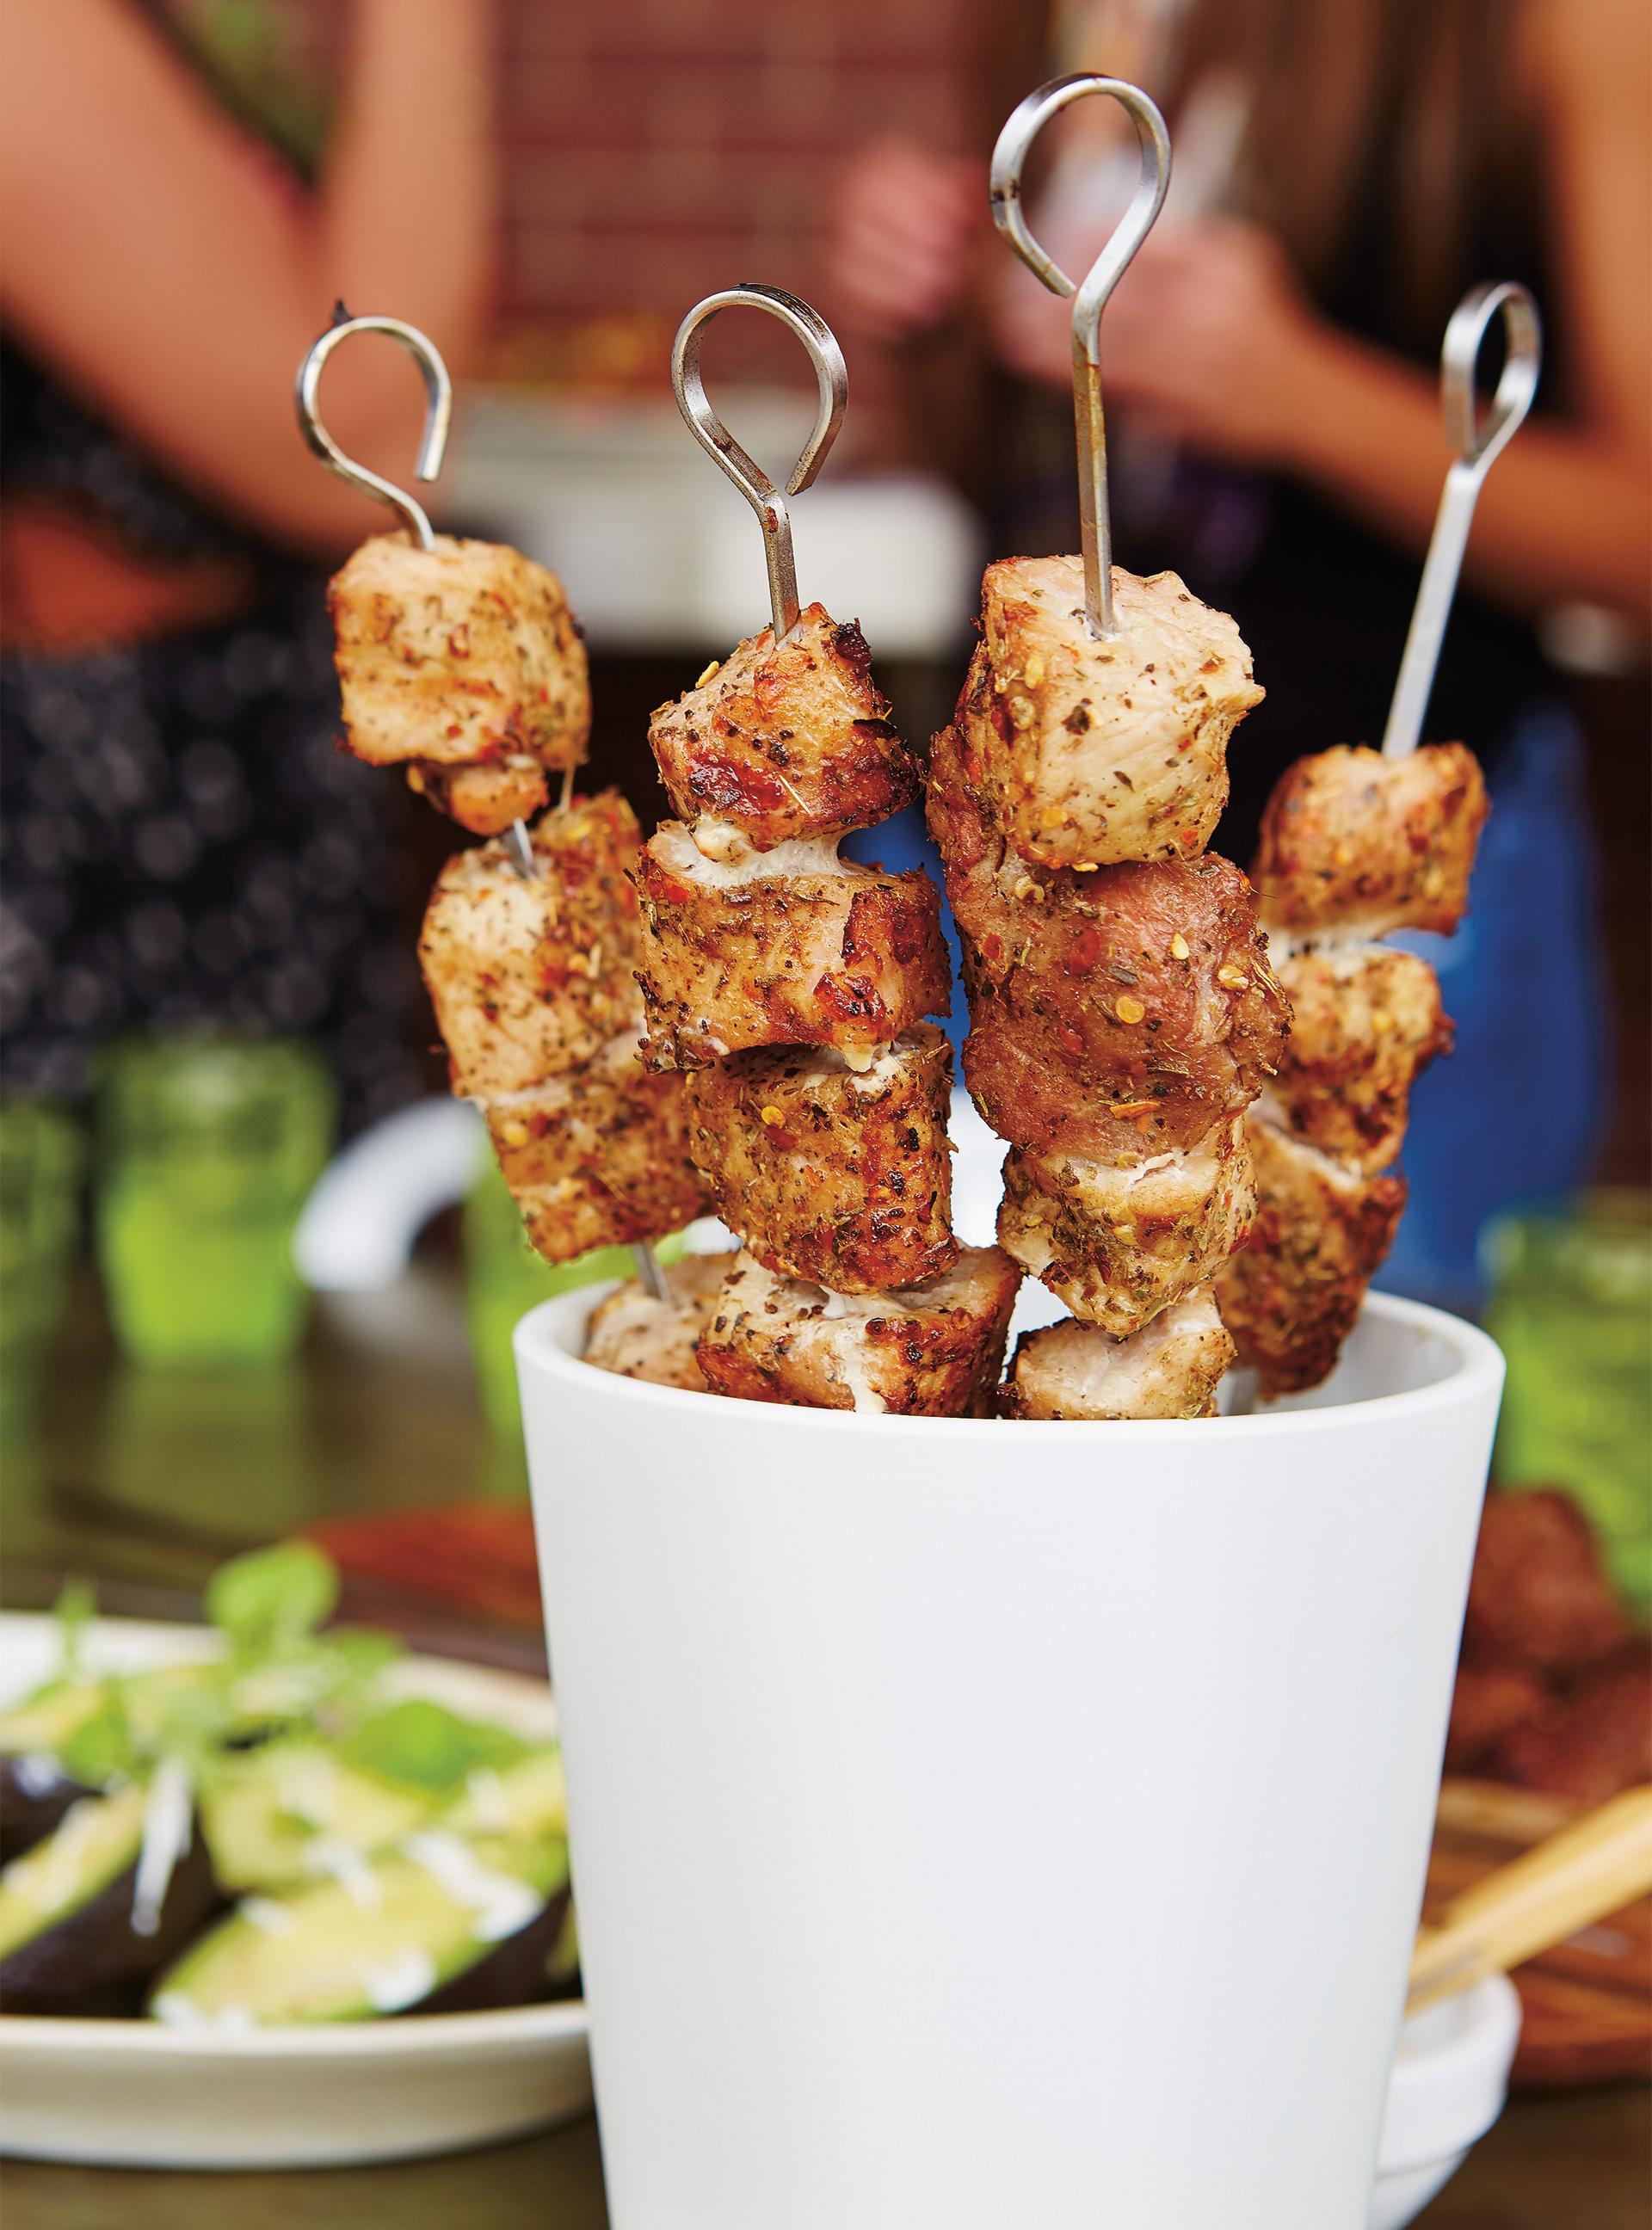 Brochettes de porc frotté aux épices | ricardo